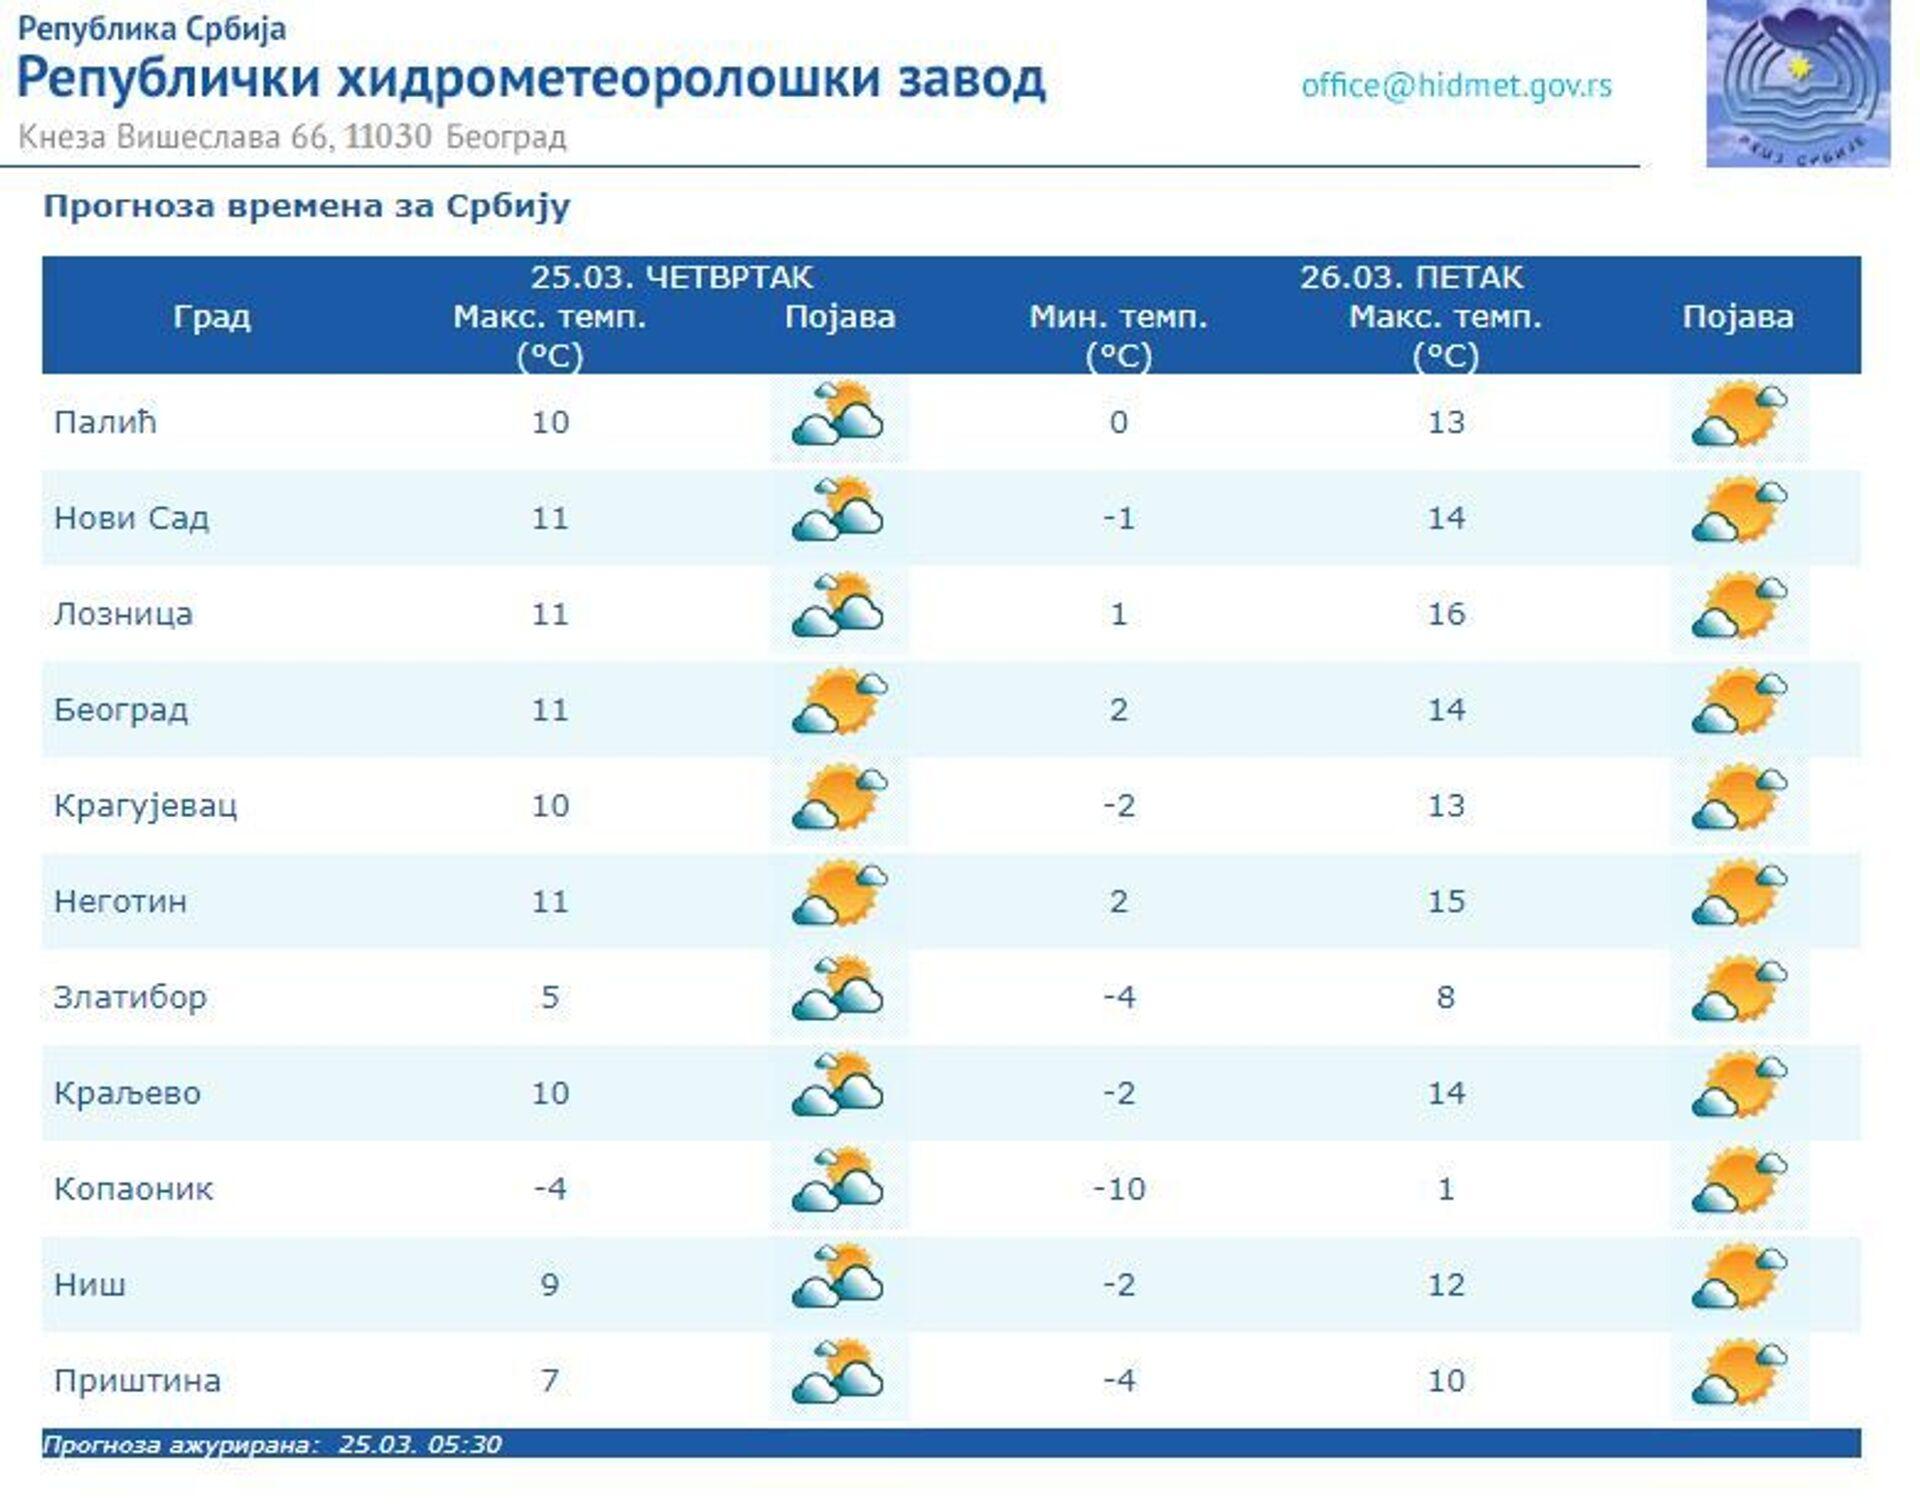 Vreme danas: Ujutru hladno, tokom dana pretežno sunčano, sutra toplo - Sputnik Srbija, 1920, 25.03.2021